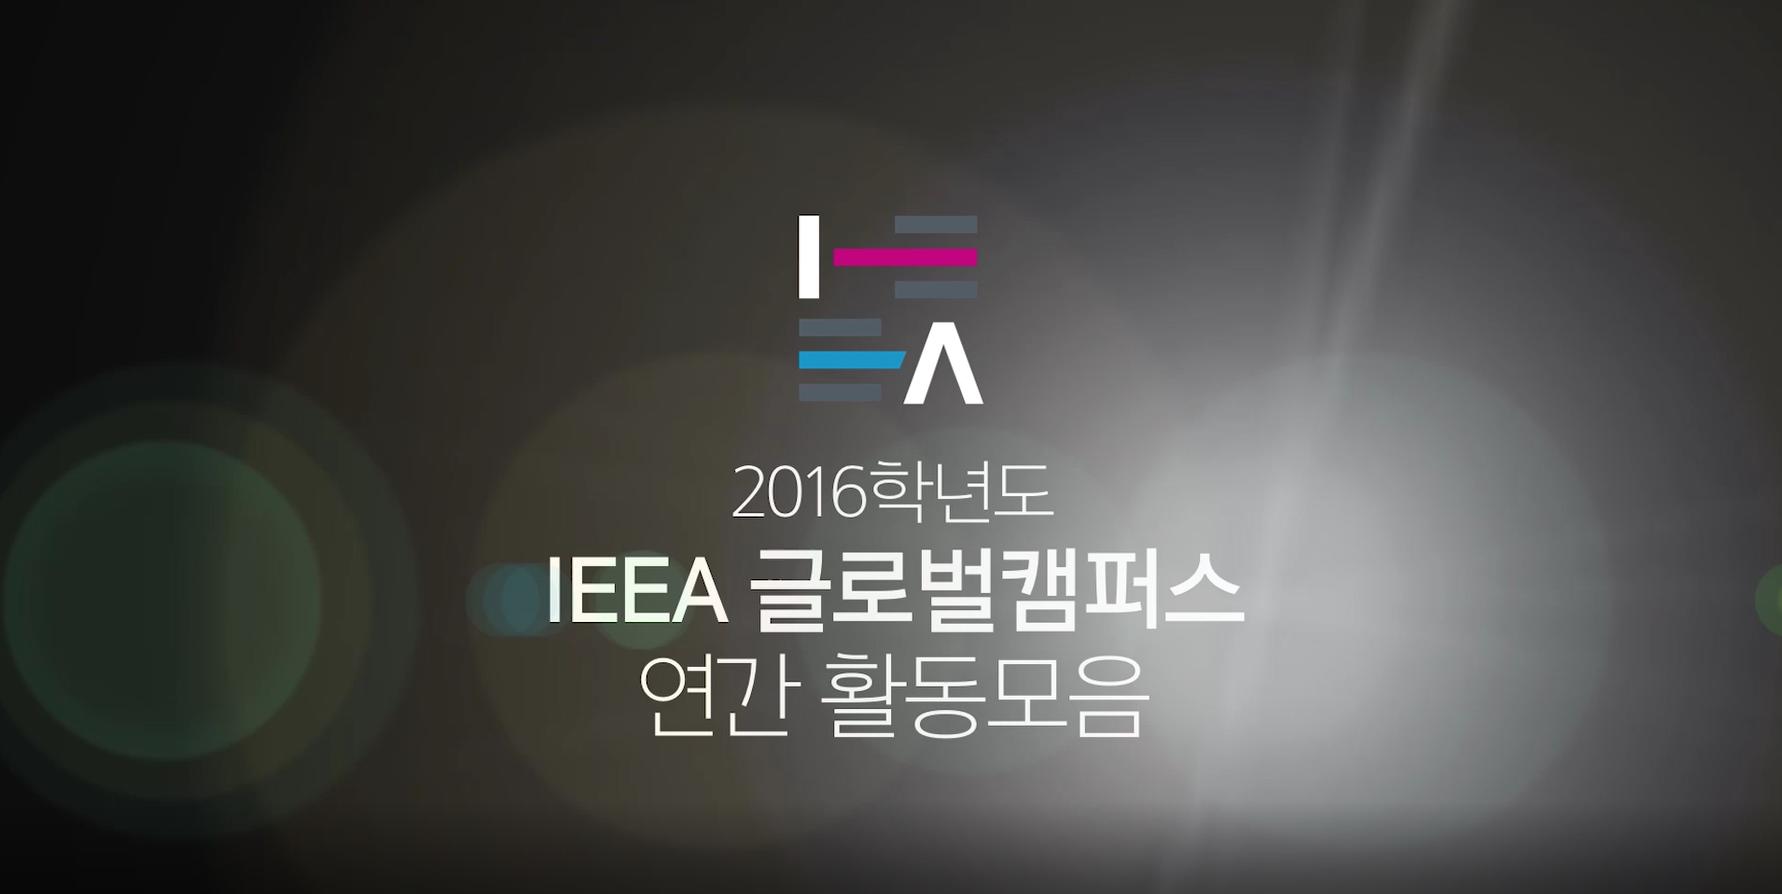 2016학년도 IEEA 글로벌캠퍼스 연간 활동모음